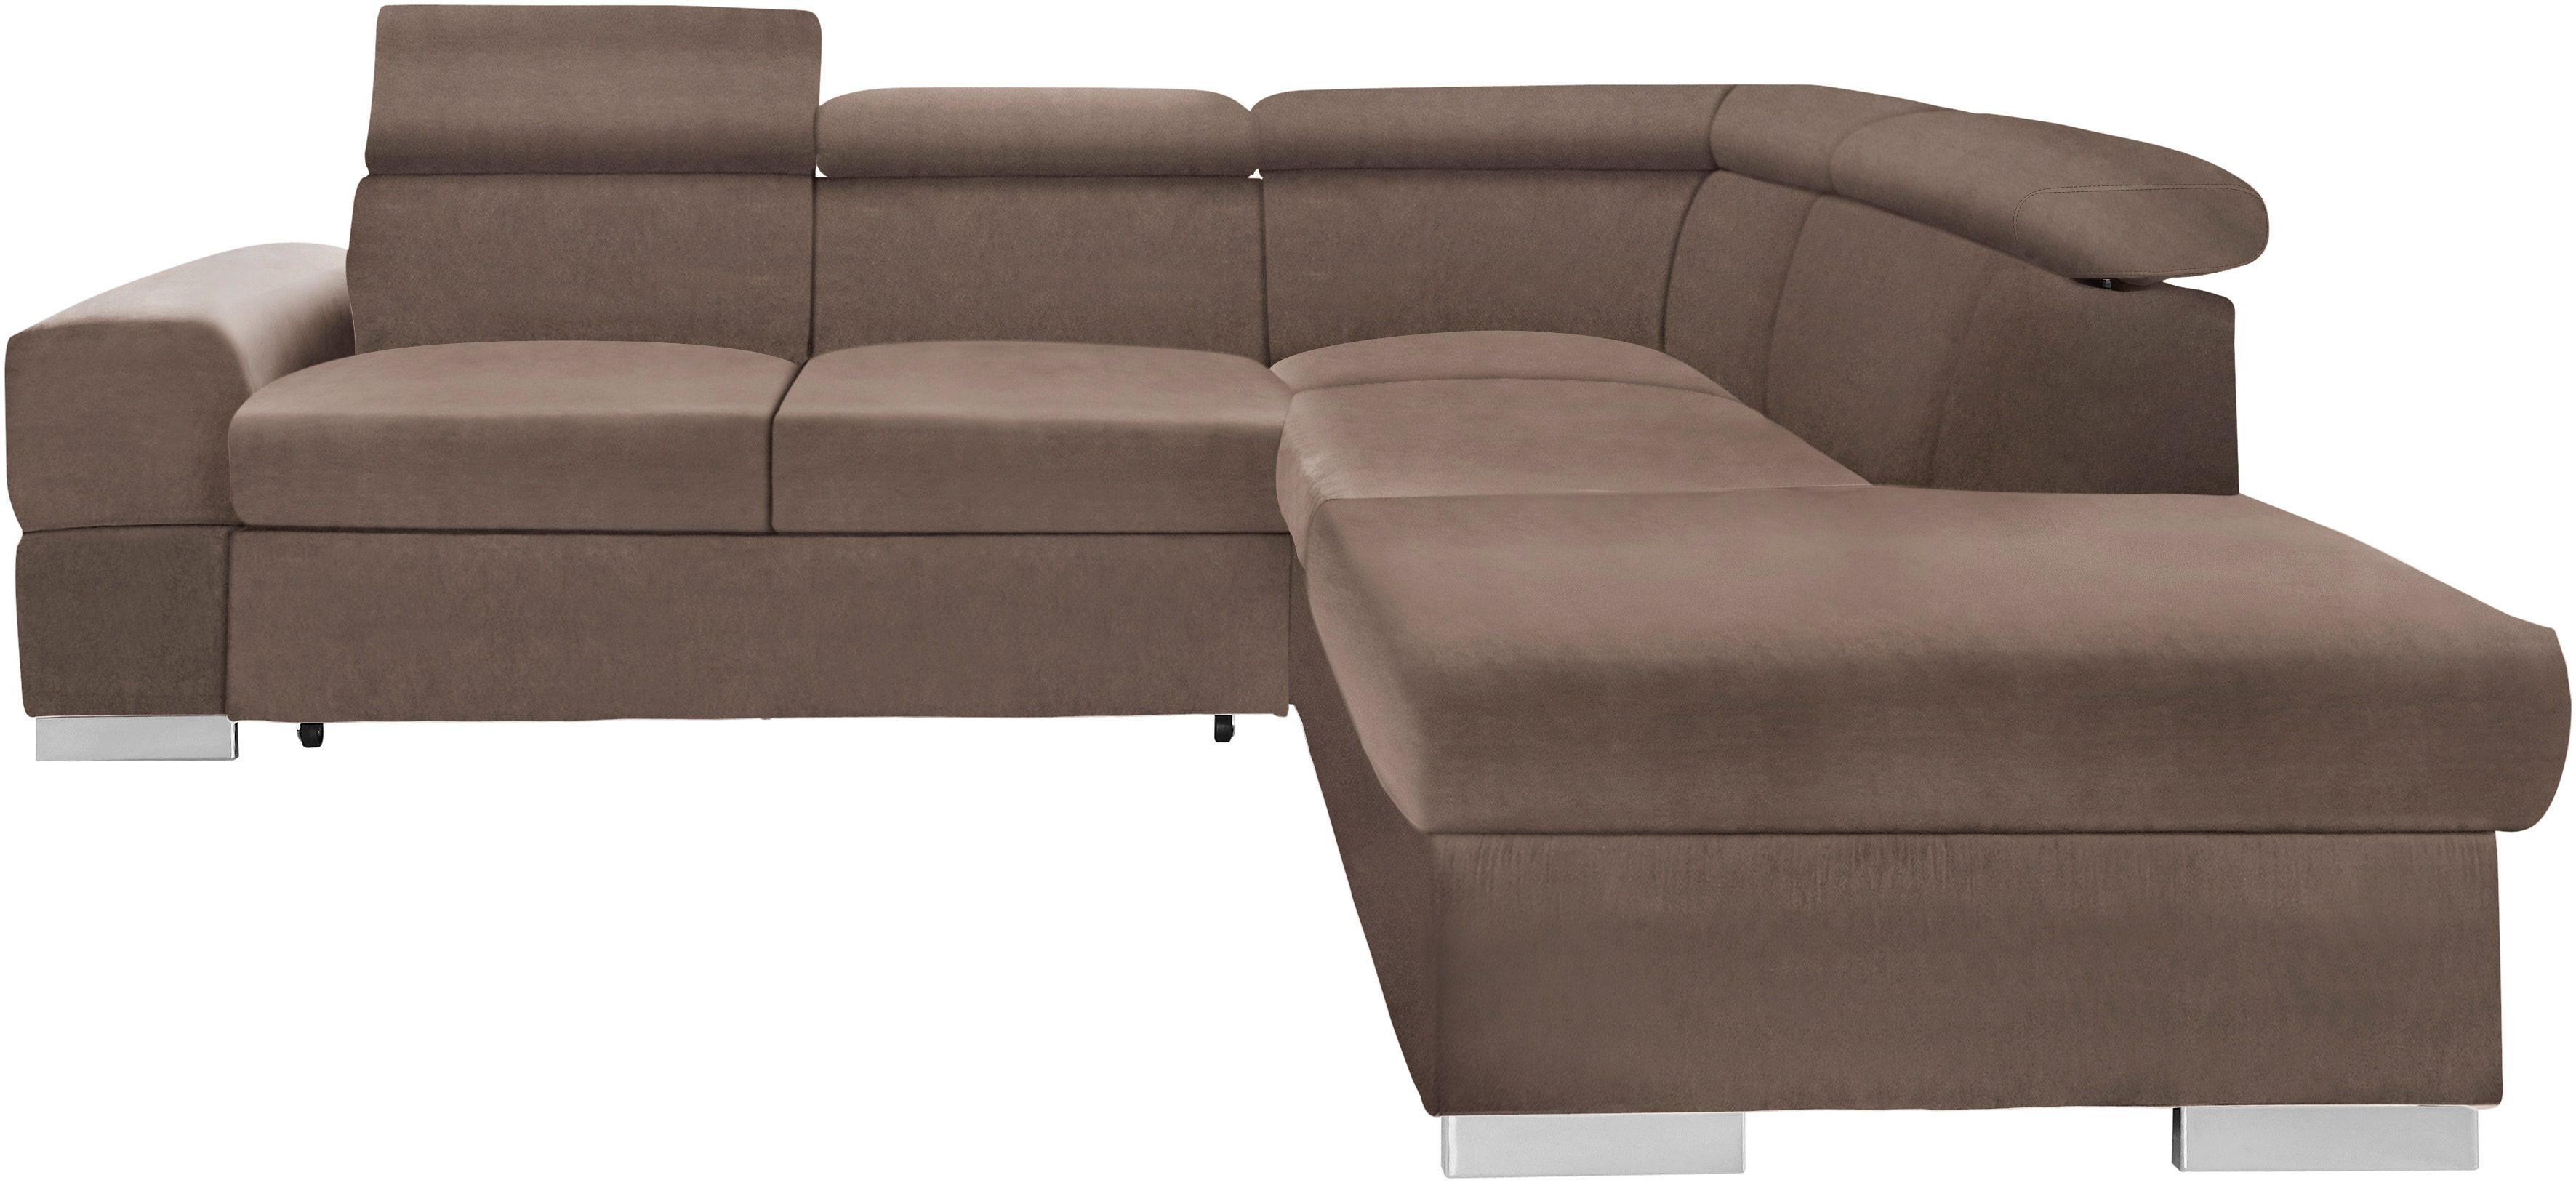 Slaapbank chaise longue kopen  Online Internetwinkel